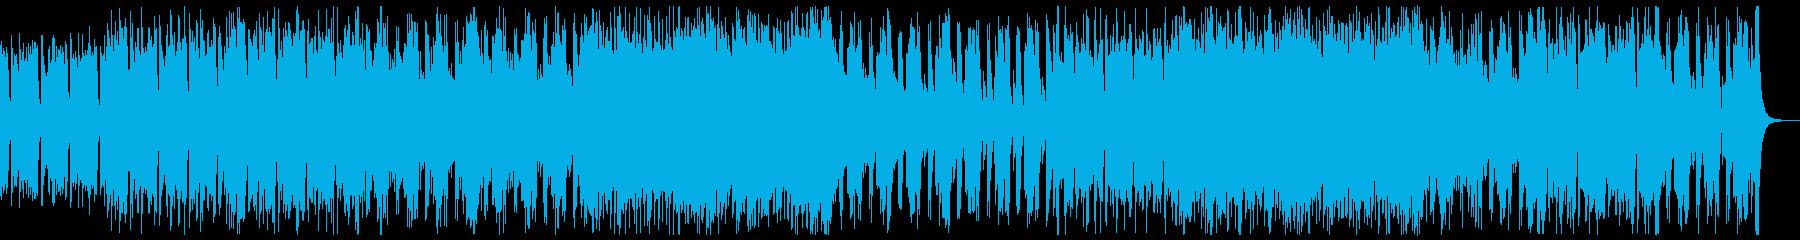 和楽器・和風・サムライヒーロー:フルx1の再生済みの波形